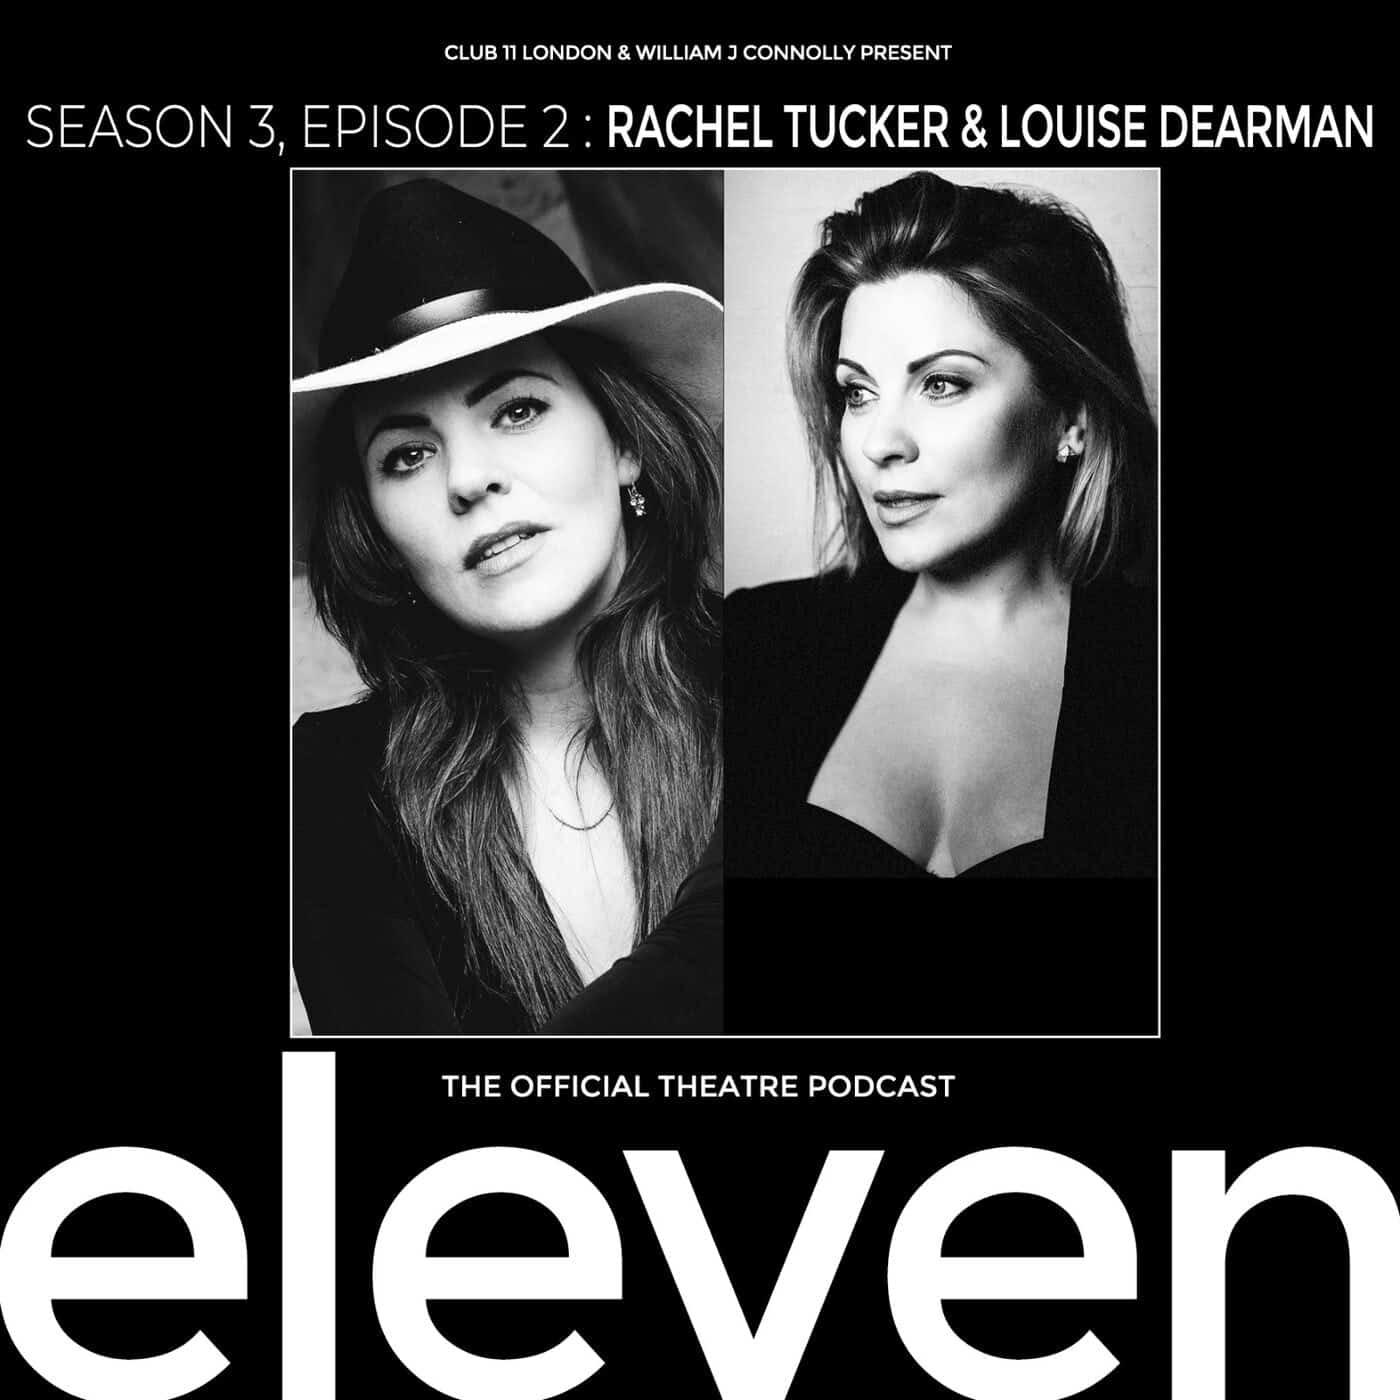 S3 Ep2: Rachel Tucker & Louise Dearman